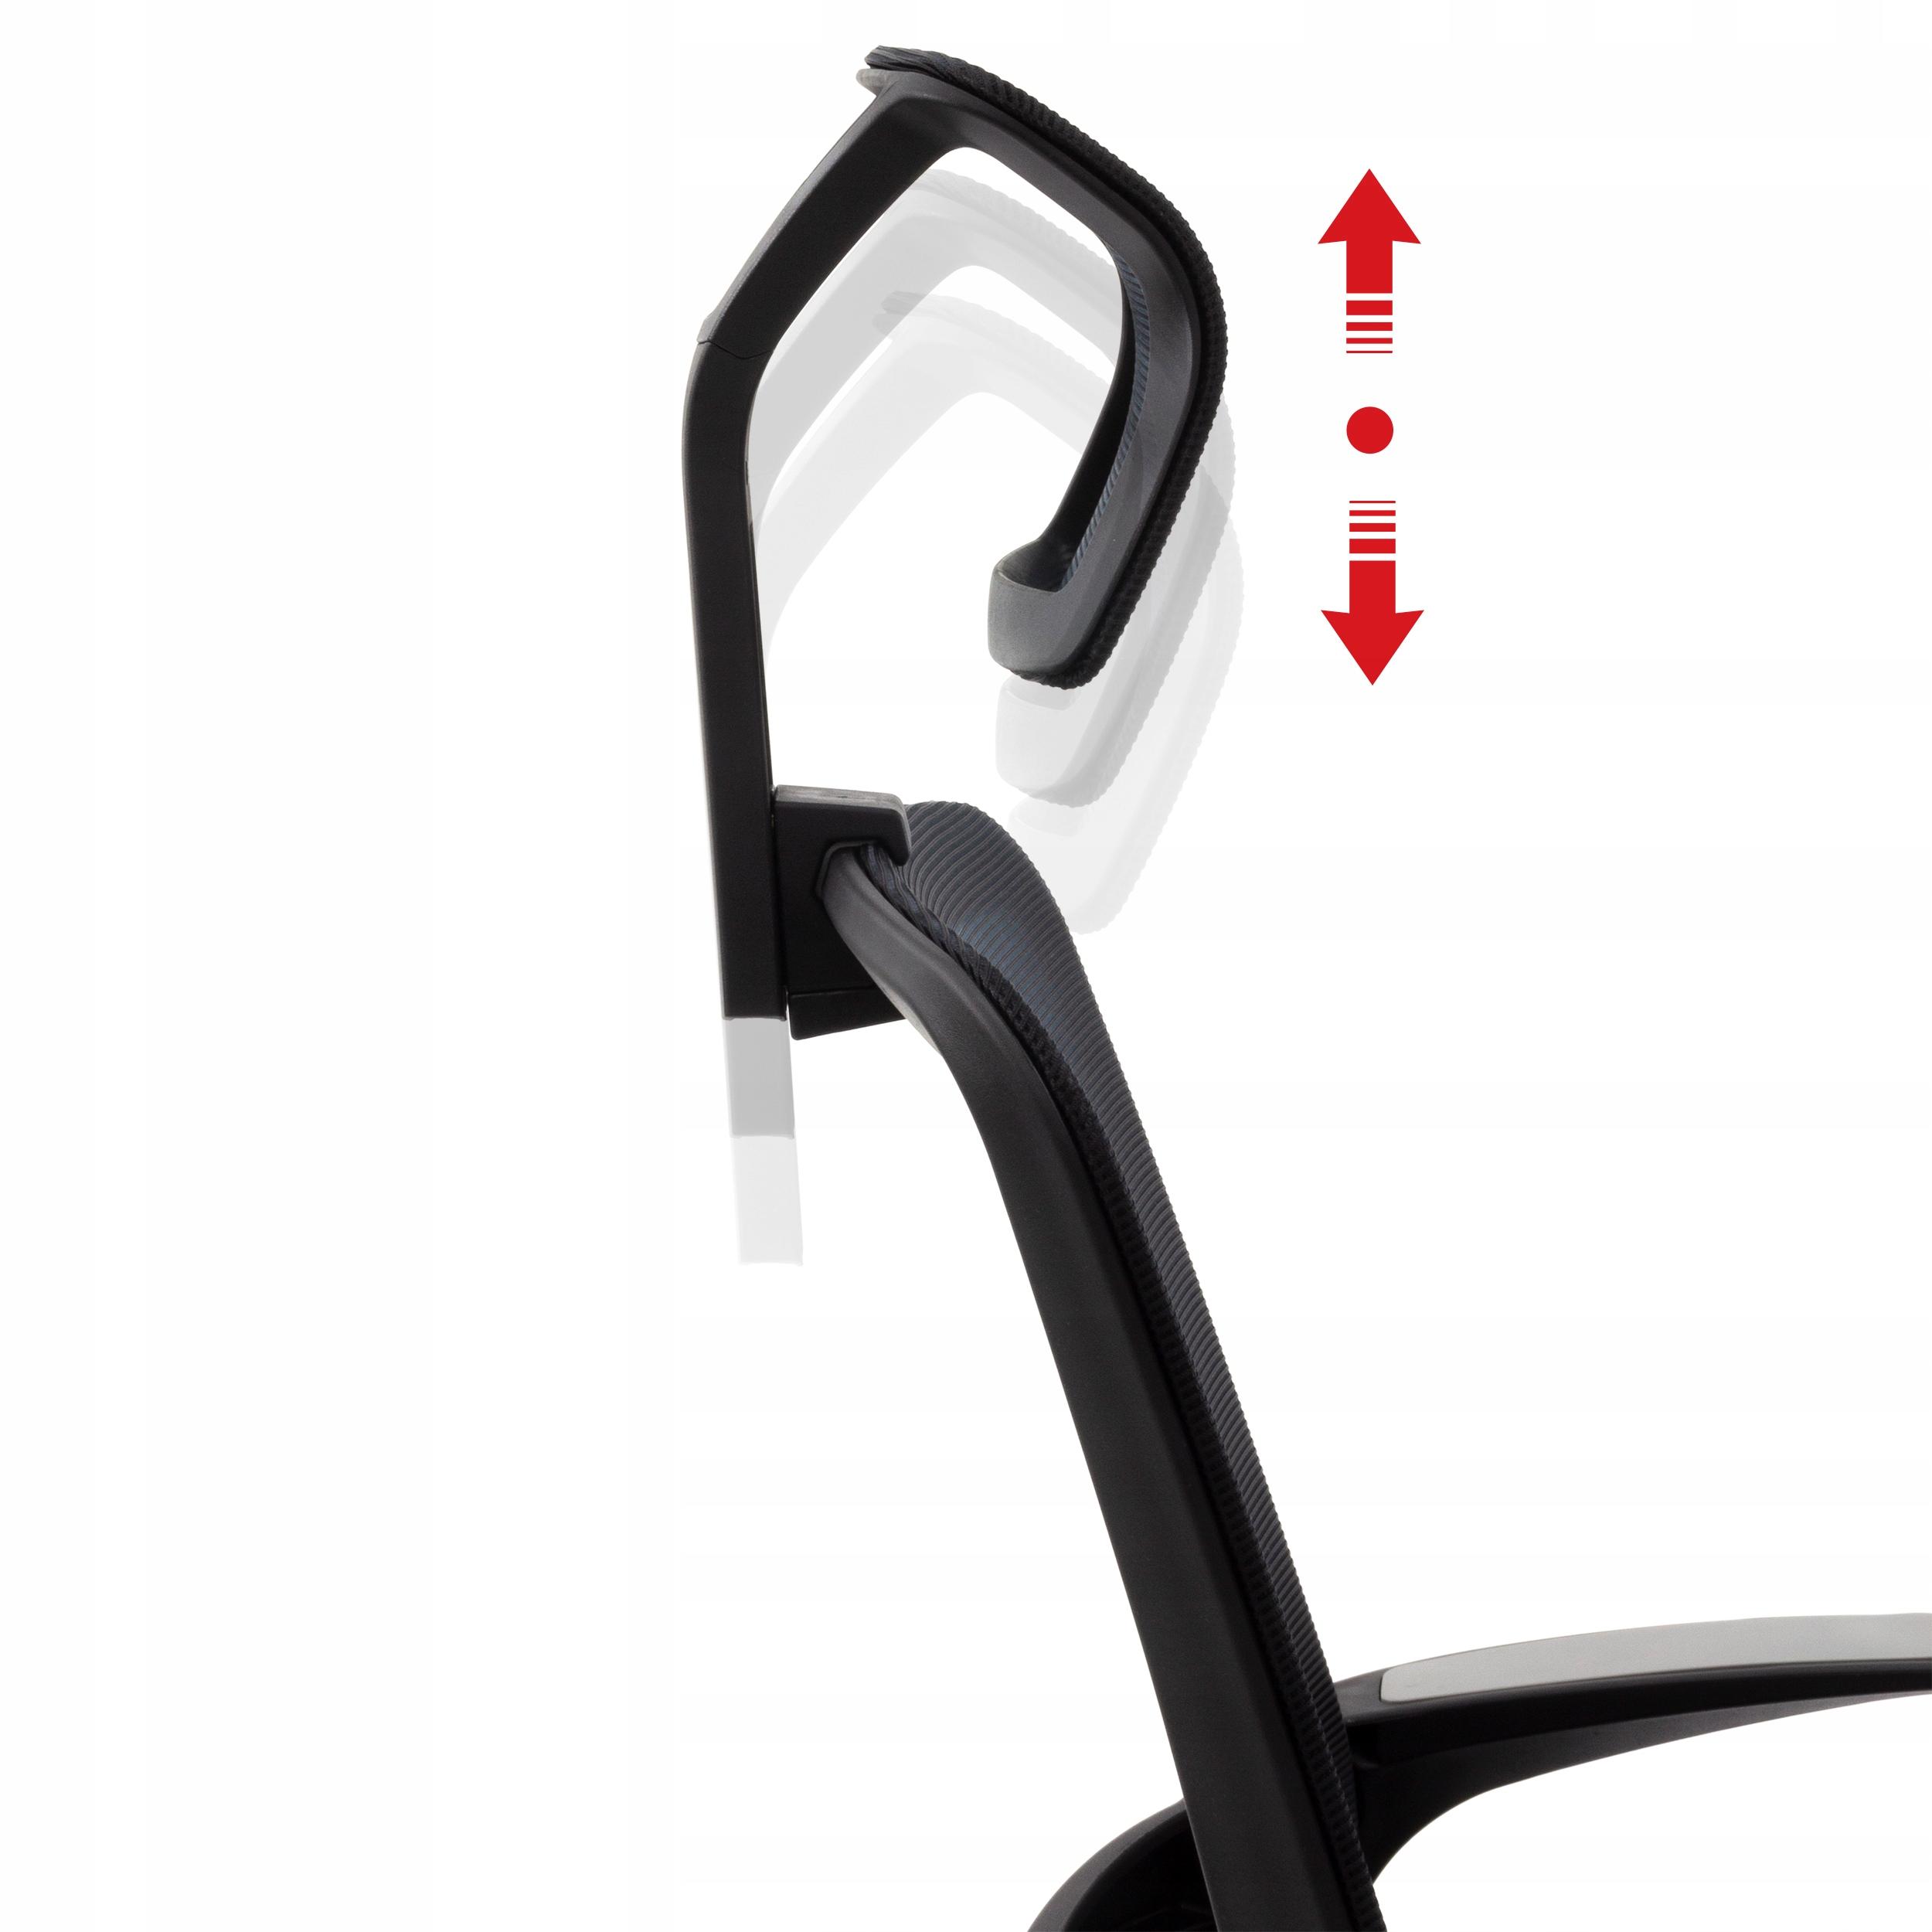 Ергономічний офісний стілець Поворотне крісло AMO-90 Глибина меблів - 64 см